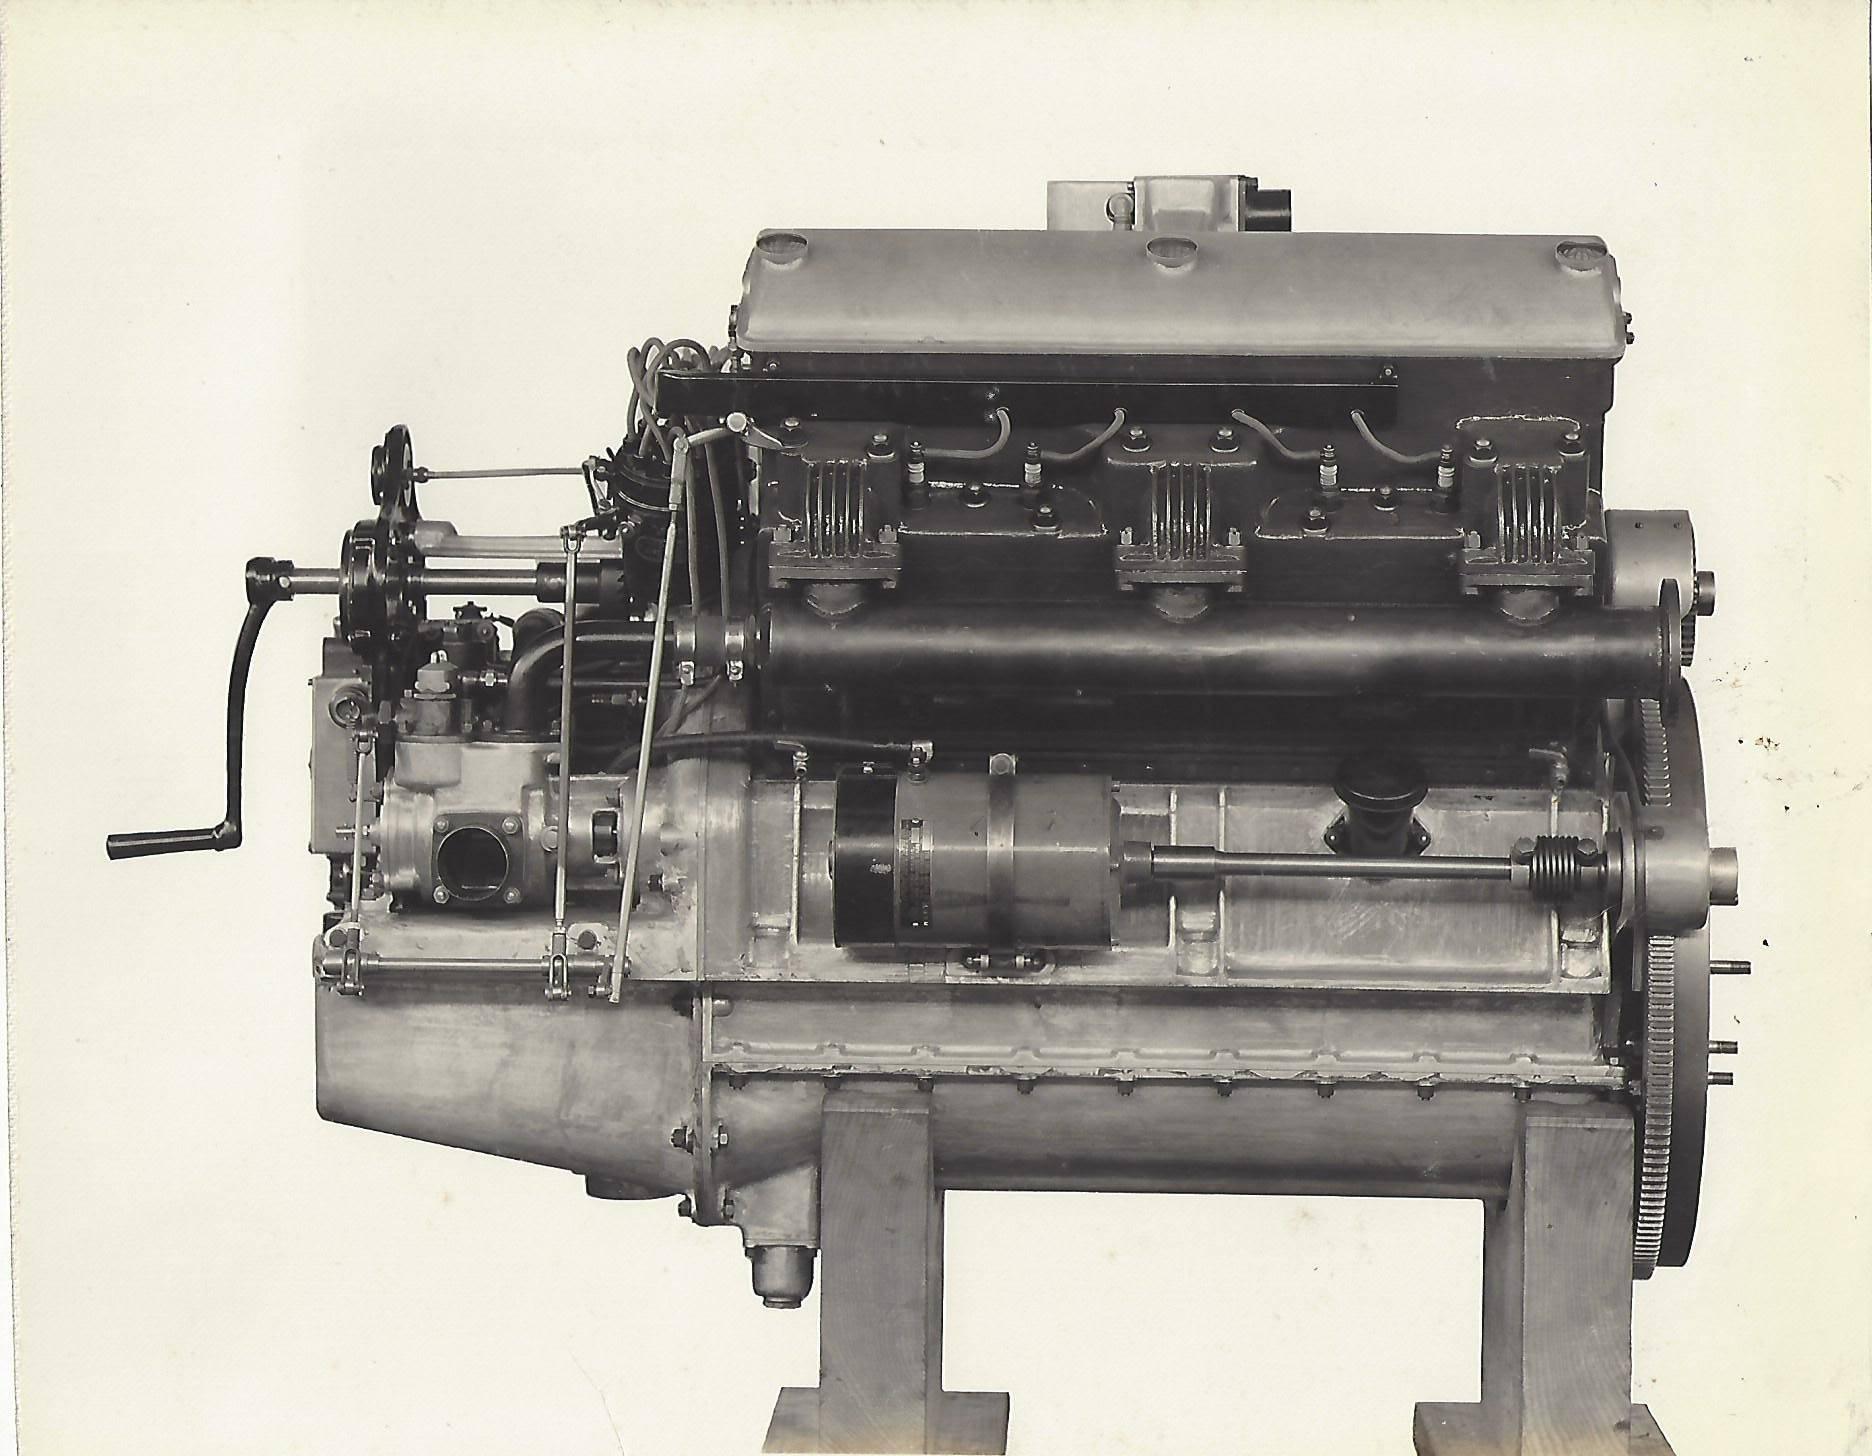 PACKARD - MASTER MOTOR BUILDER - 1209-A